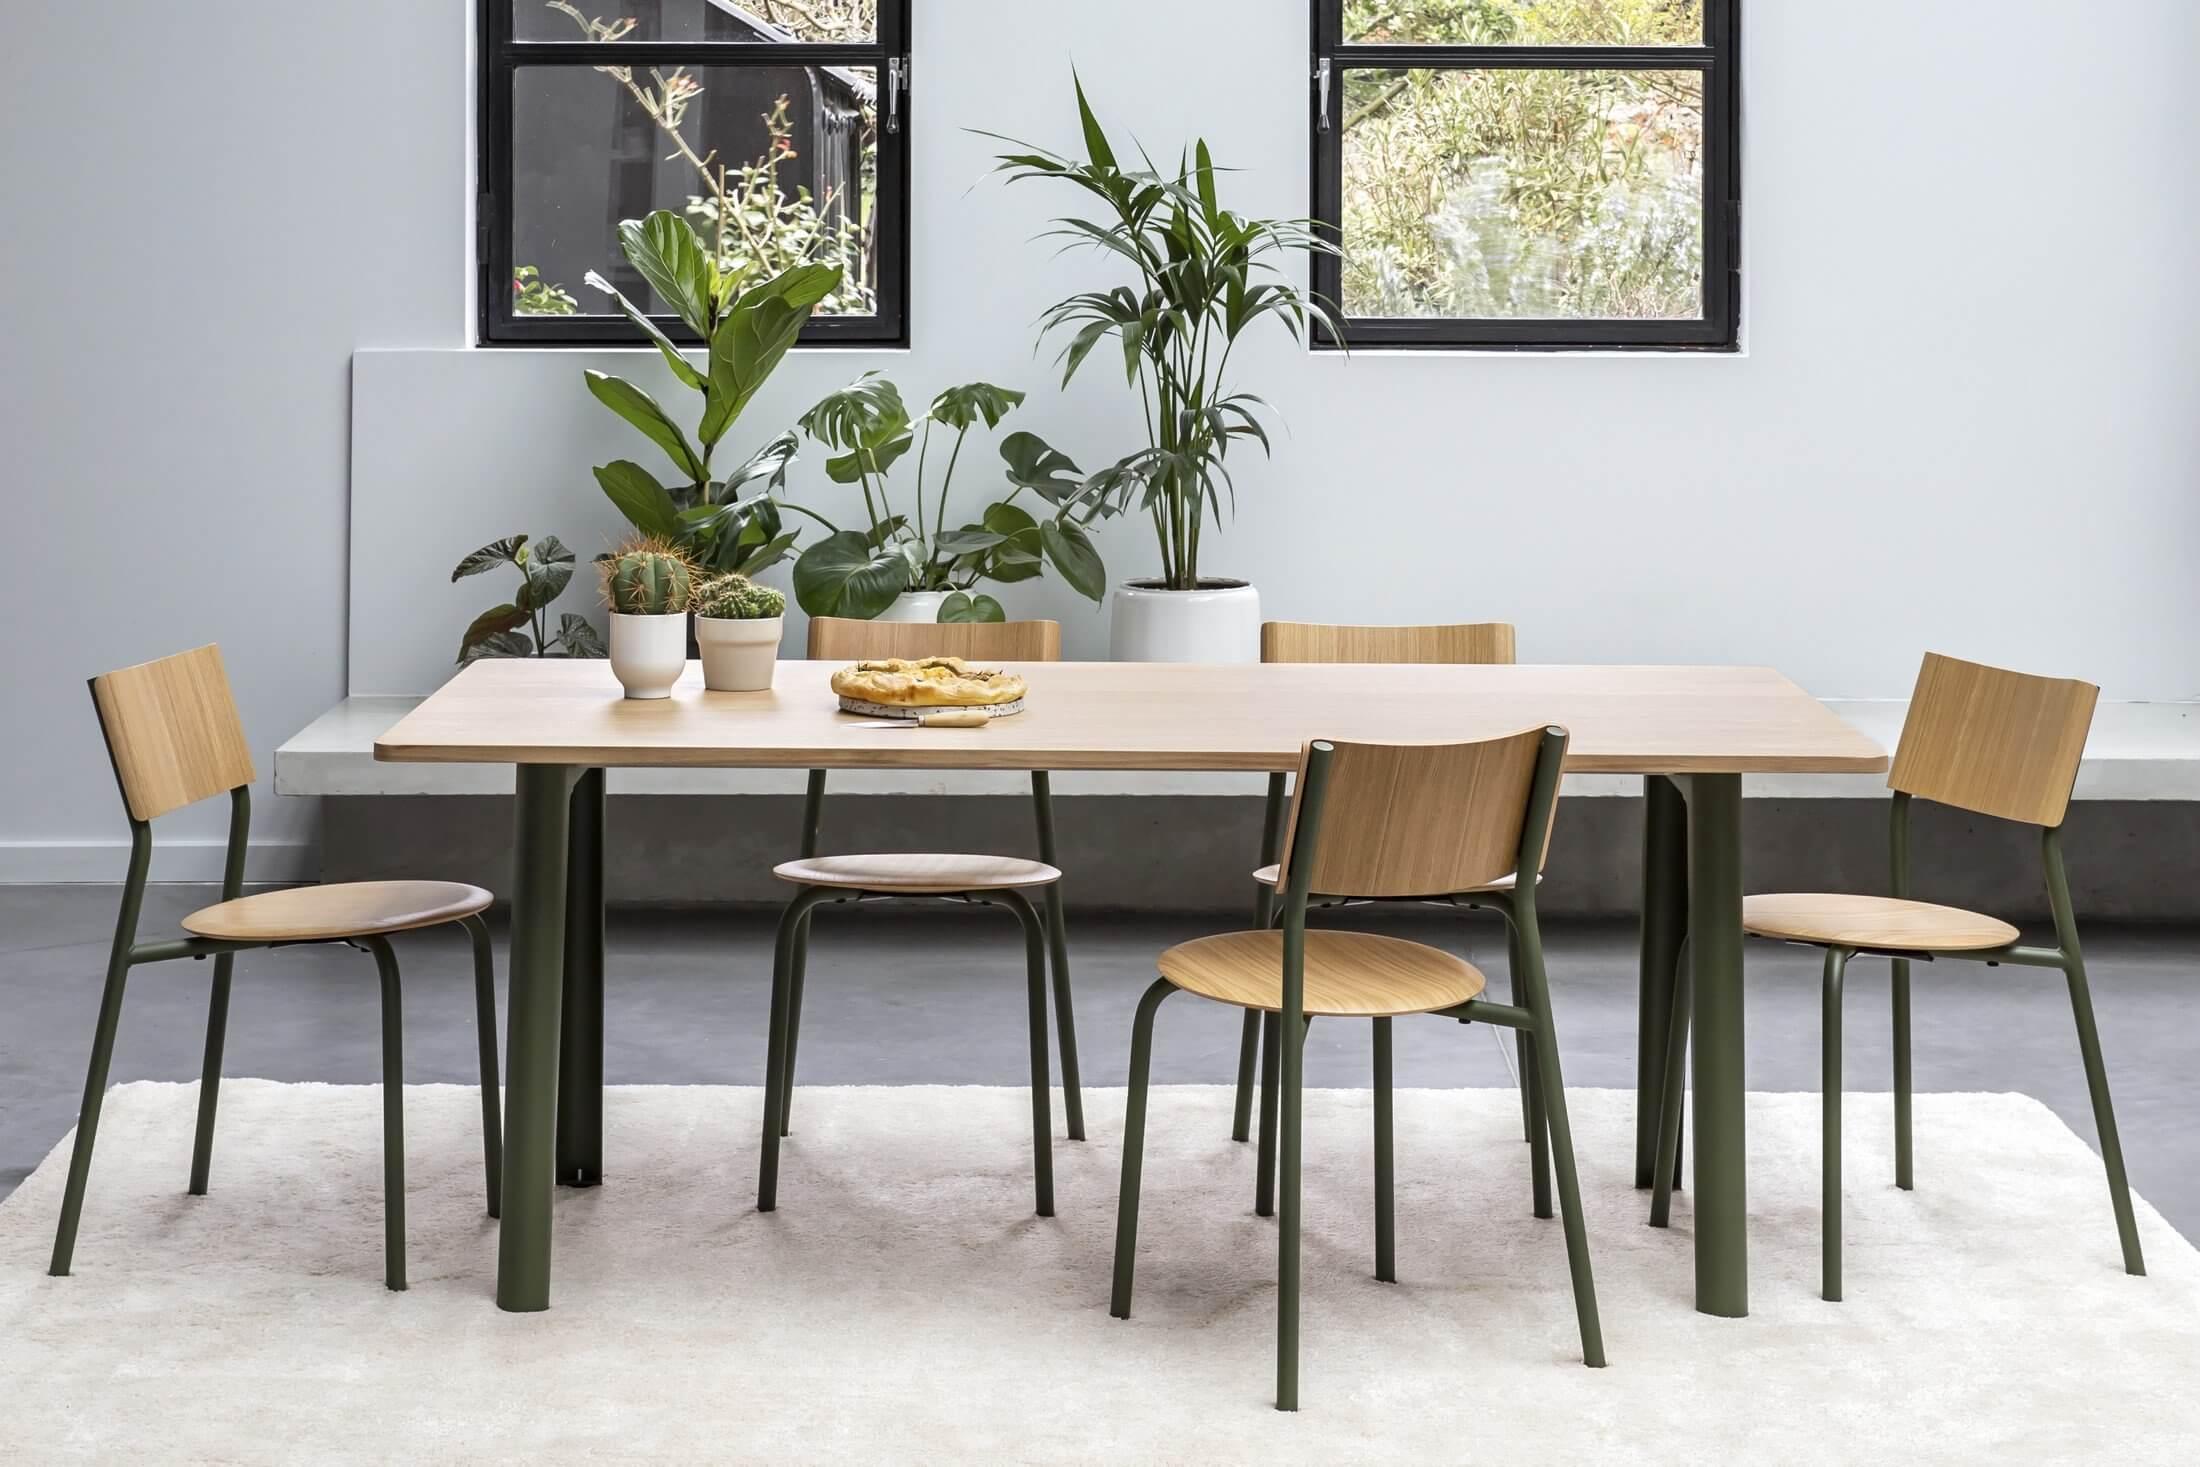 Bureau bench design avec plateau bois, fabriqué en France.